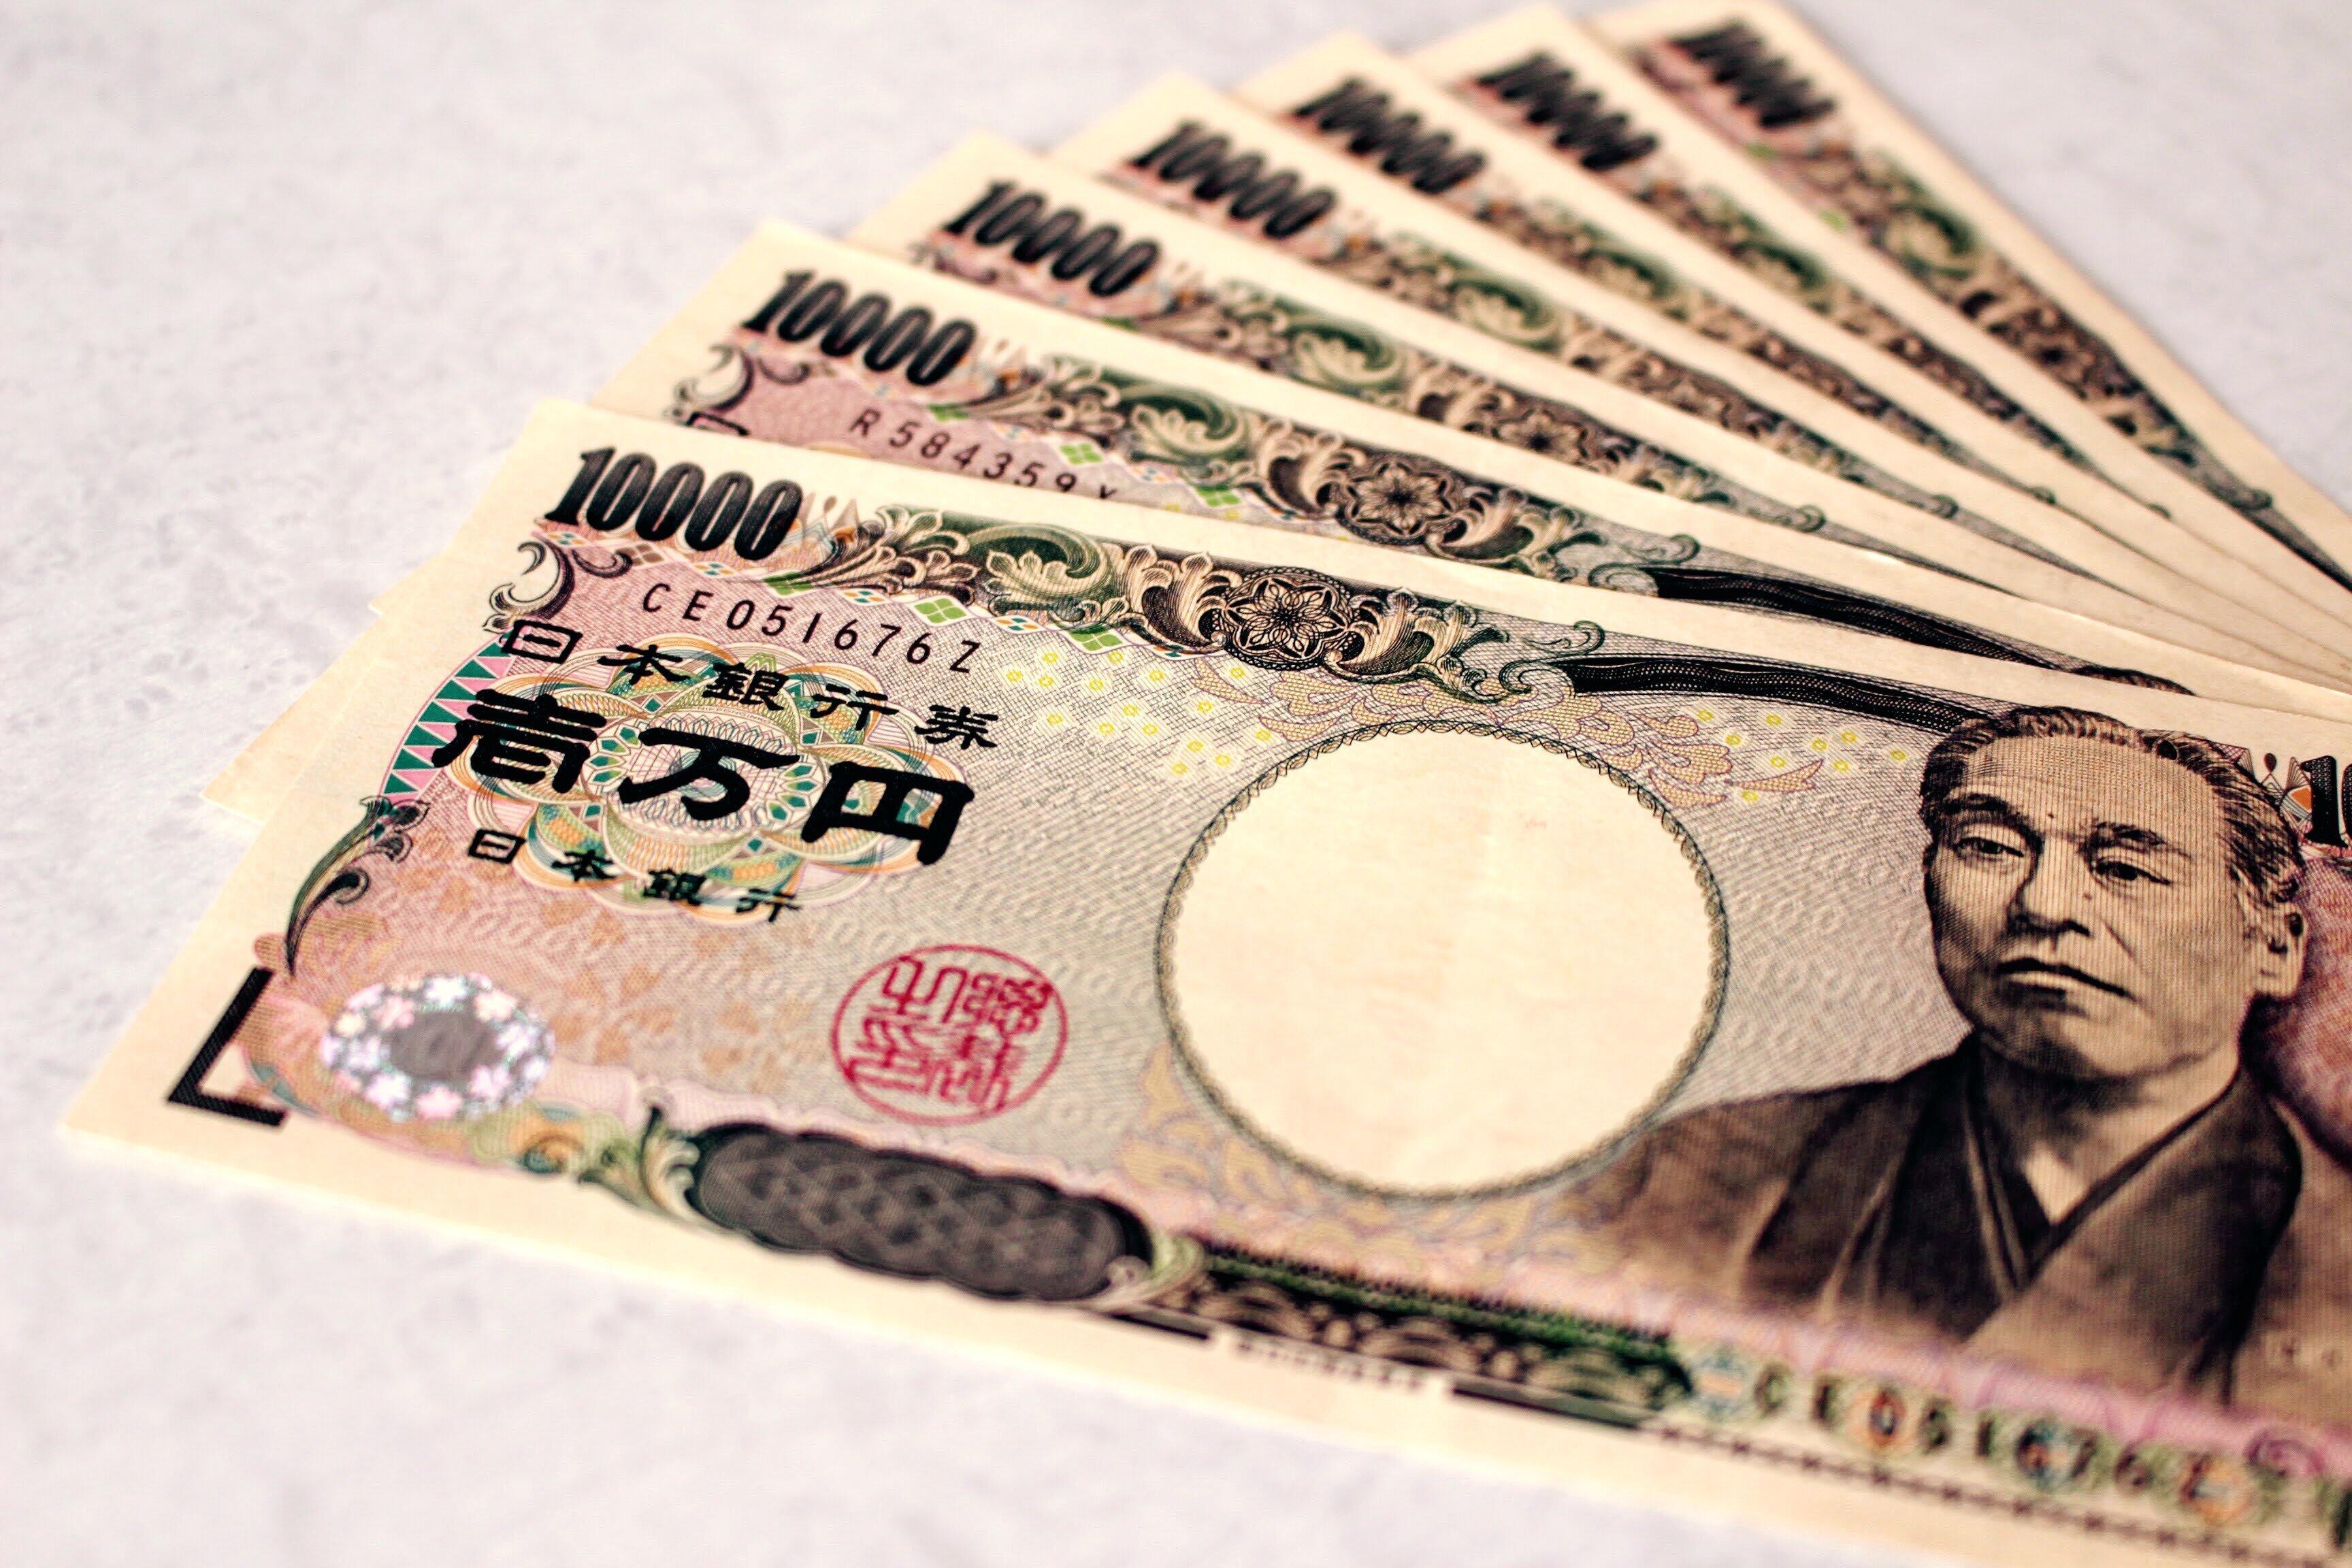 毎月7万円の「所得制限付きベーシックインカム」 竹中平蔵氏の持論が波紋